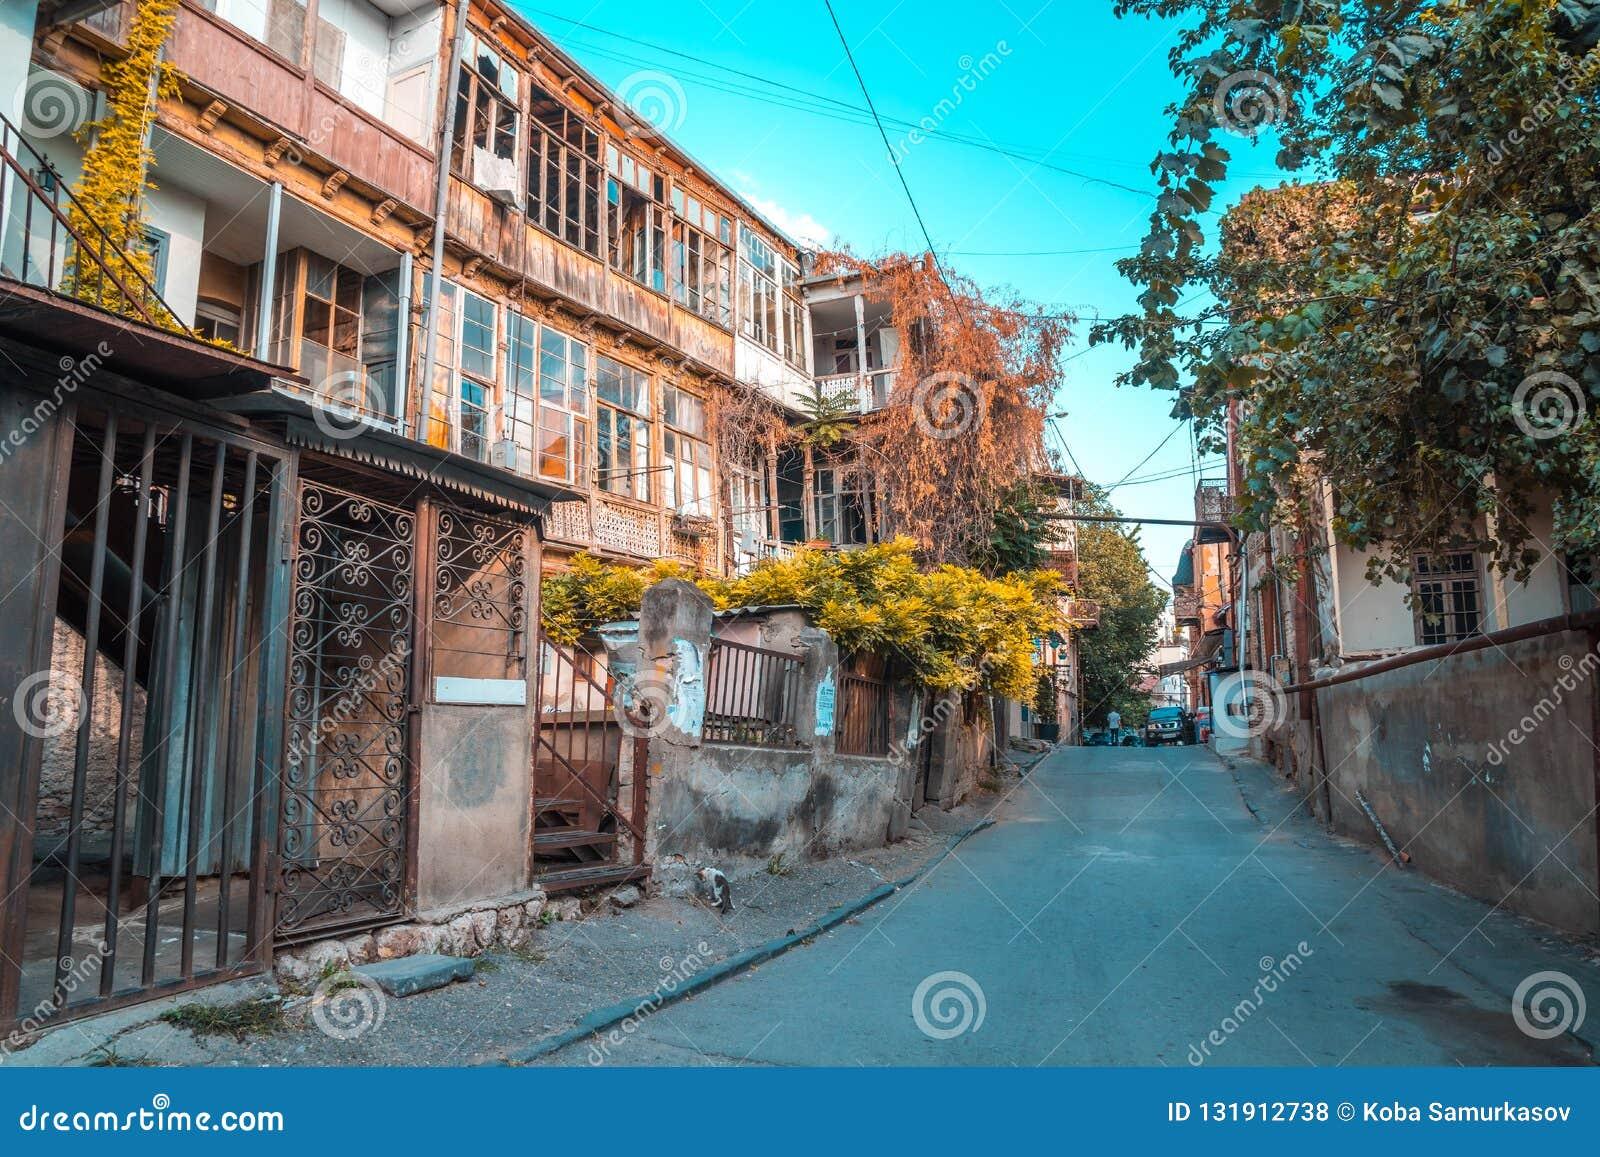 Tbilisi, Georgië - 30 08 2018: Voorgevel van traditioneel huis in ol